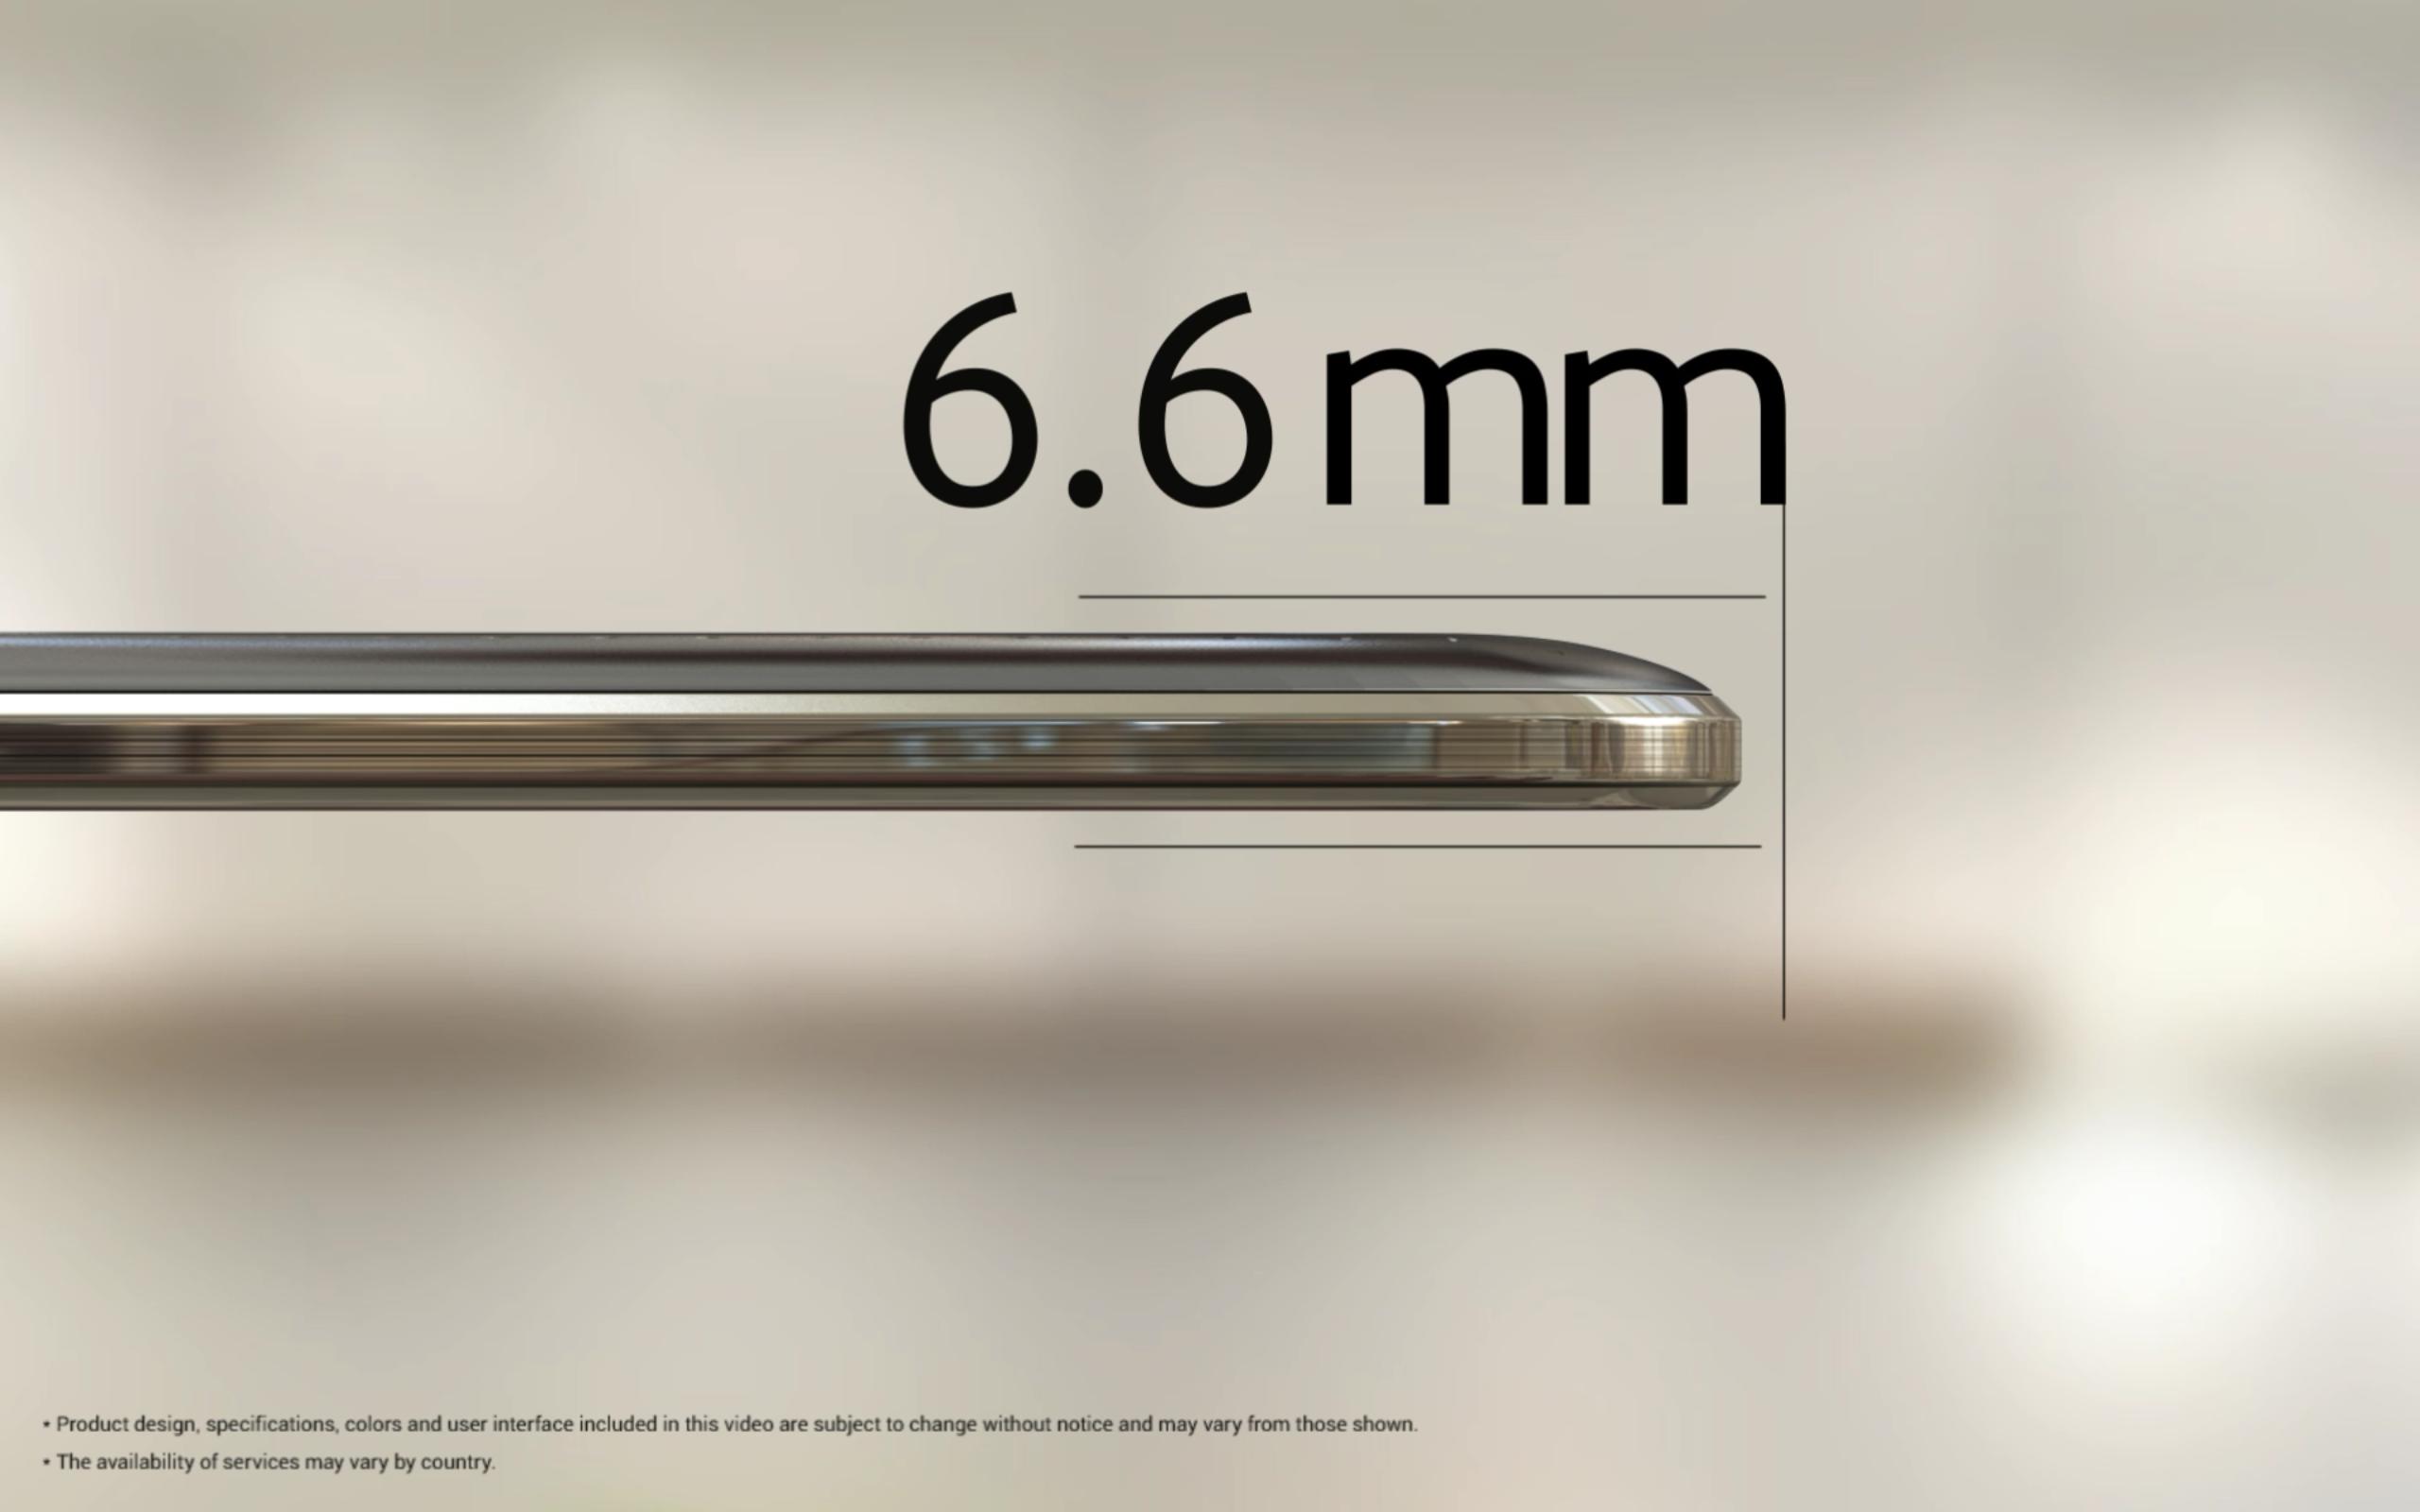 Neue Bilder vom Samsung Galaxy Tab S 10.5 im Netz aufgetaucht